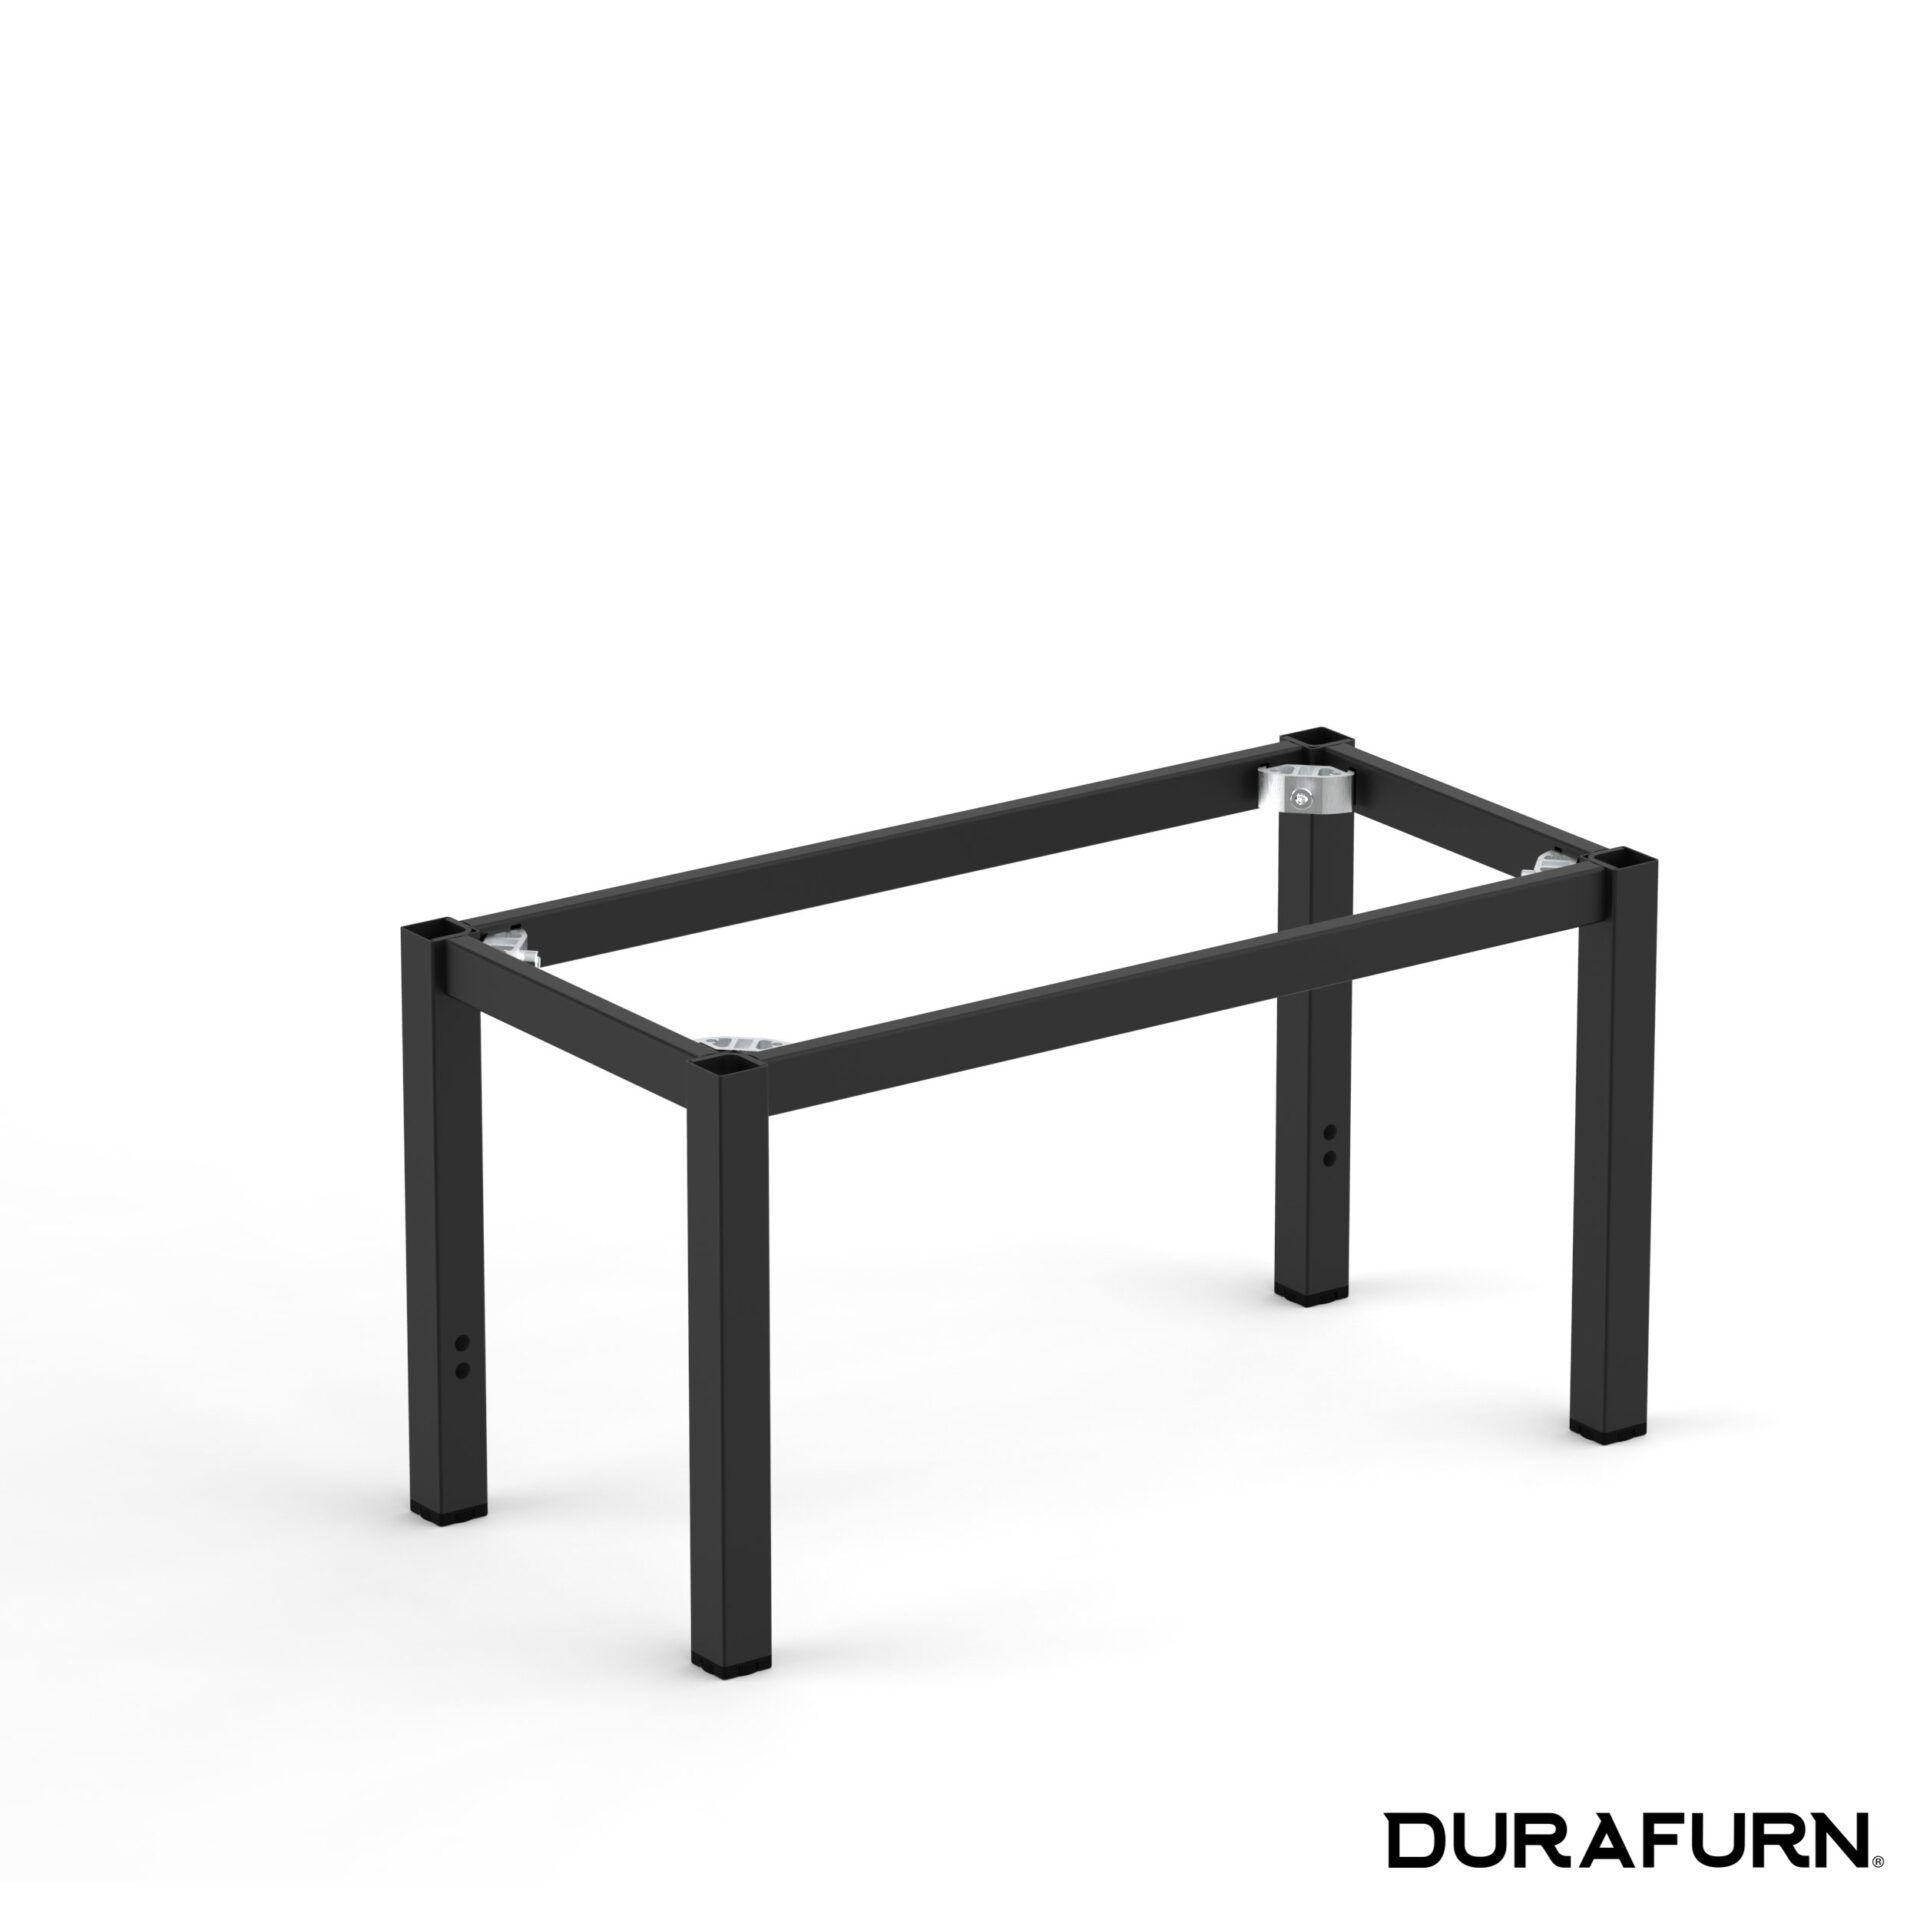 spireframe squareleg 420h 390x790 leg kit with plugs1